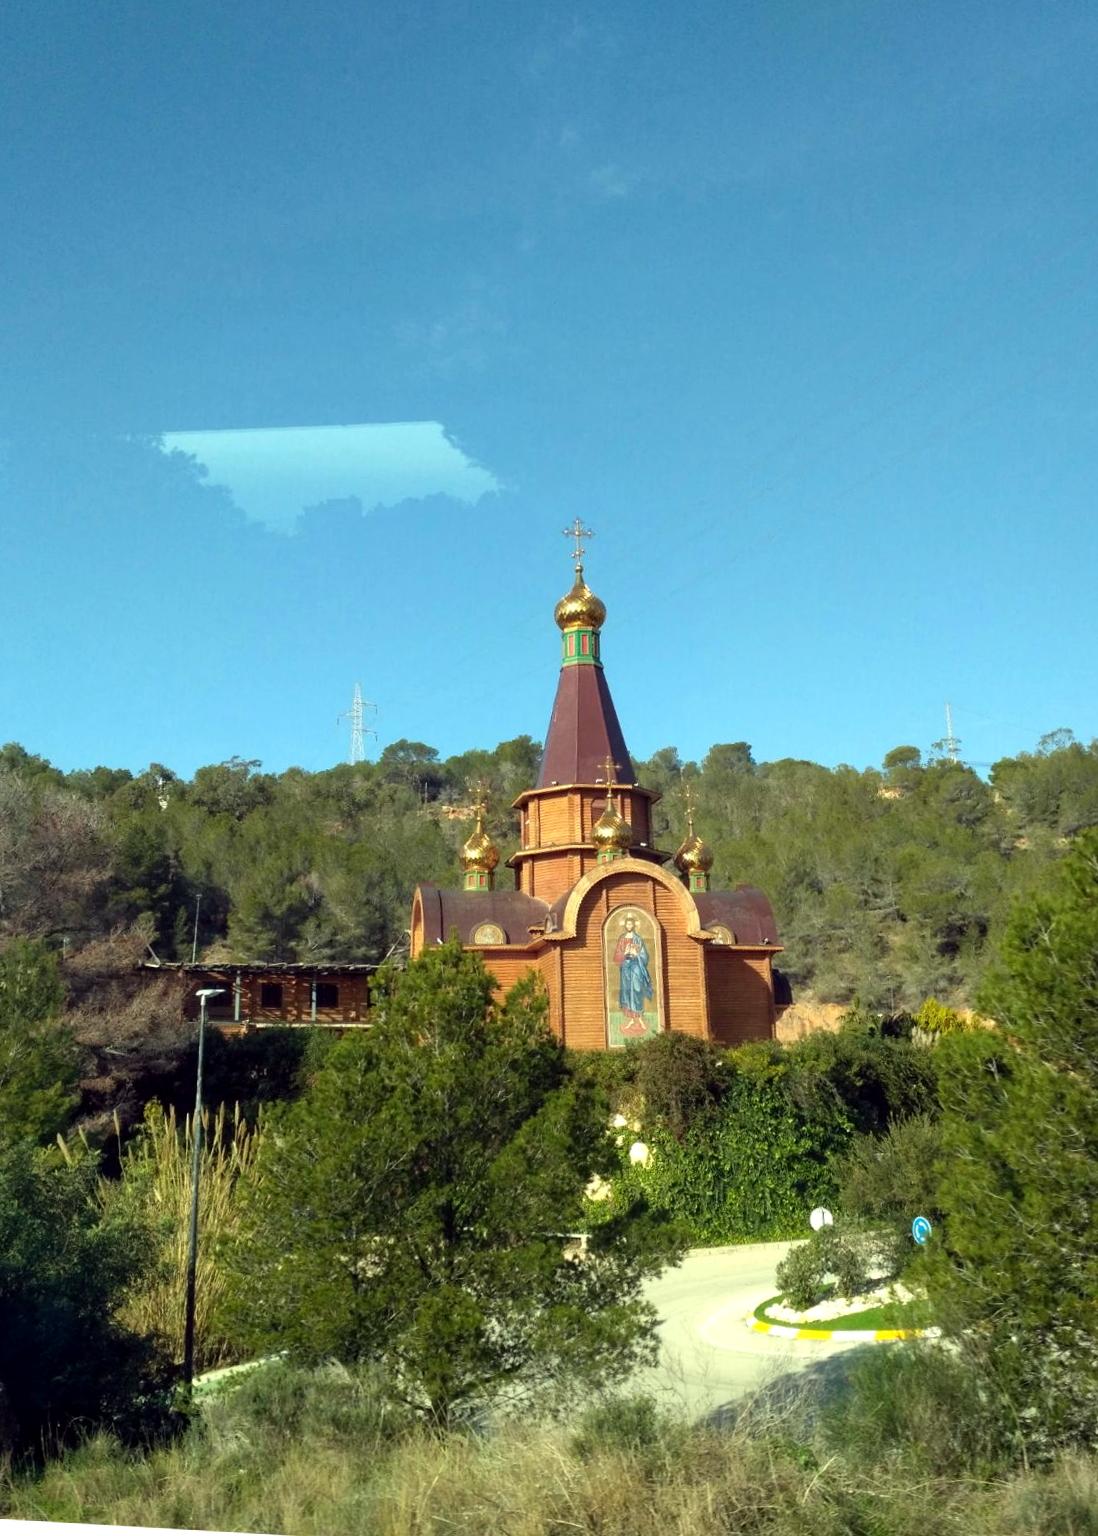 Iglesia rusa en Altea. Foto de nuestro compañero José María.